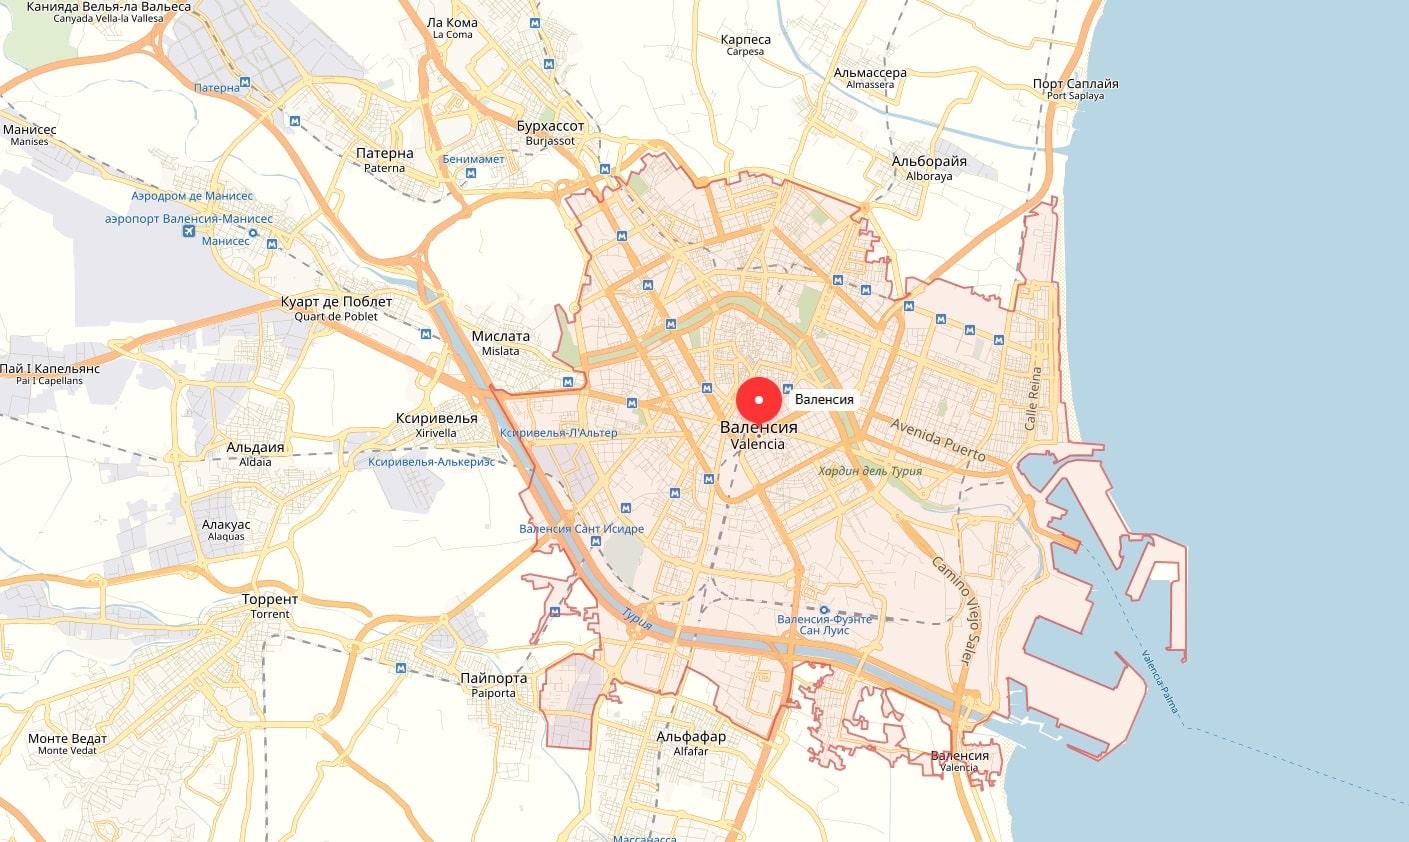 Карта Валенсии на русском языке и метро, Валенсия на карте ... Валенсия Испания Карта